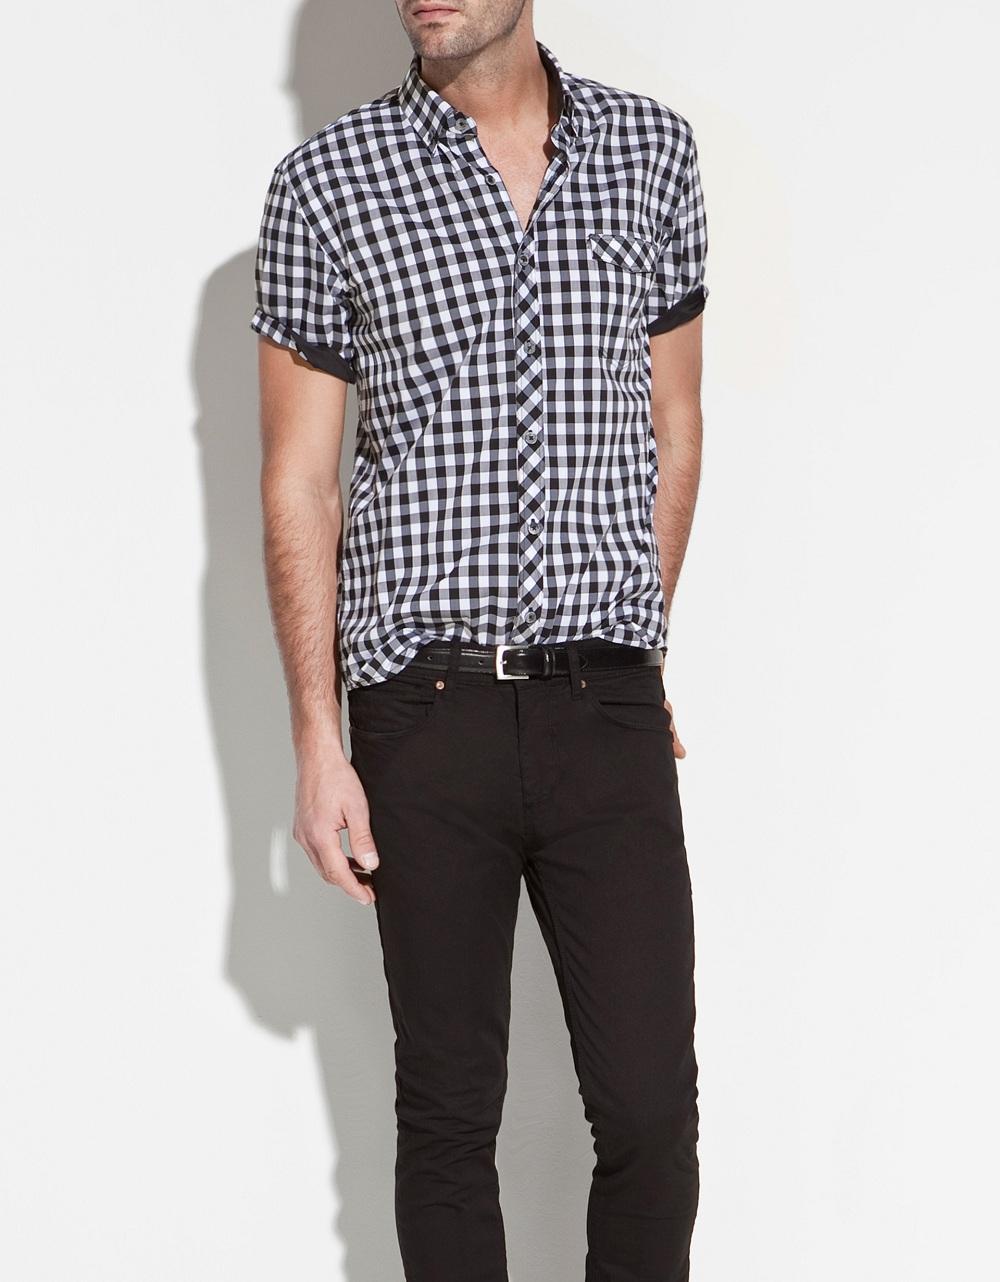 6 Kiểu áo sơ mi nam hàn quốc đẹp hè 2017 cho chàng phong cách thời trang phần 1